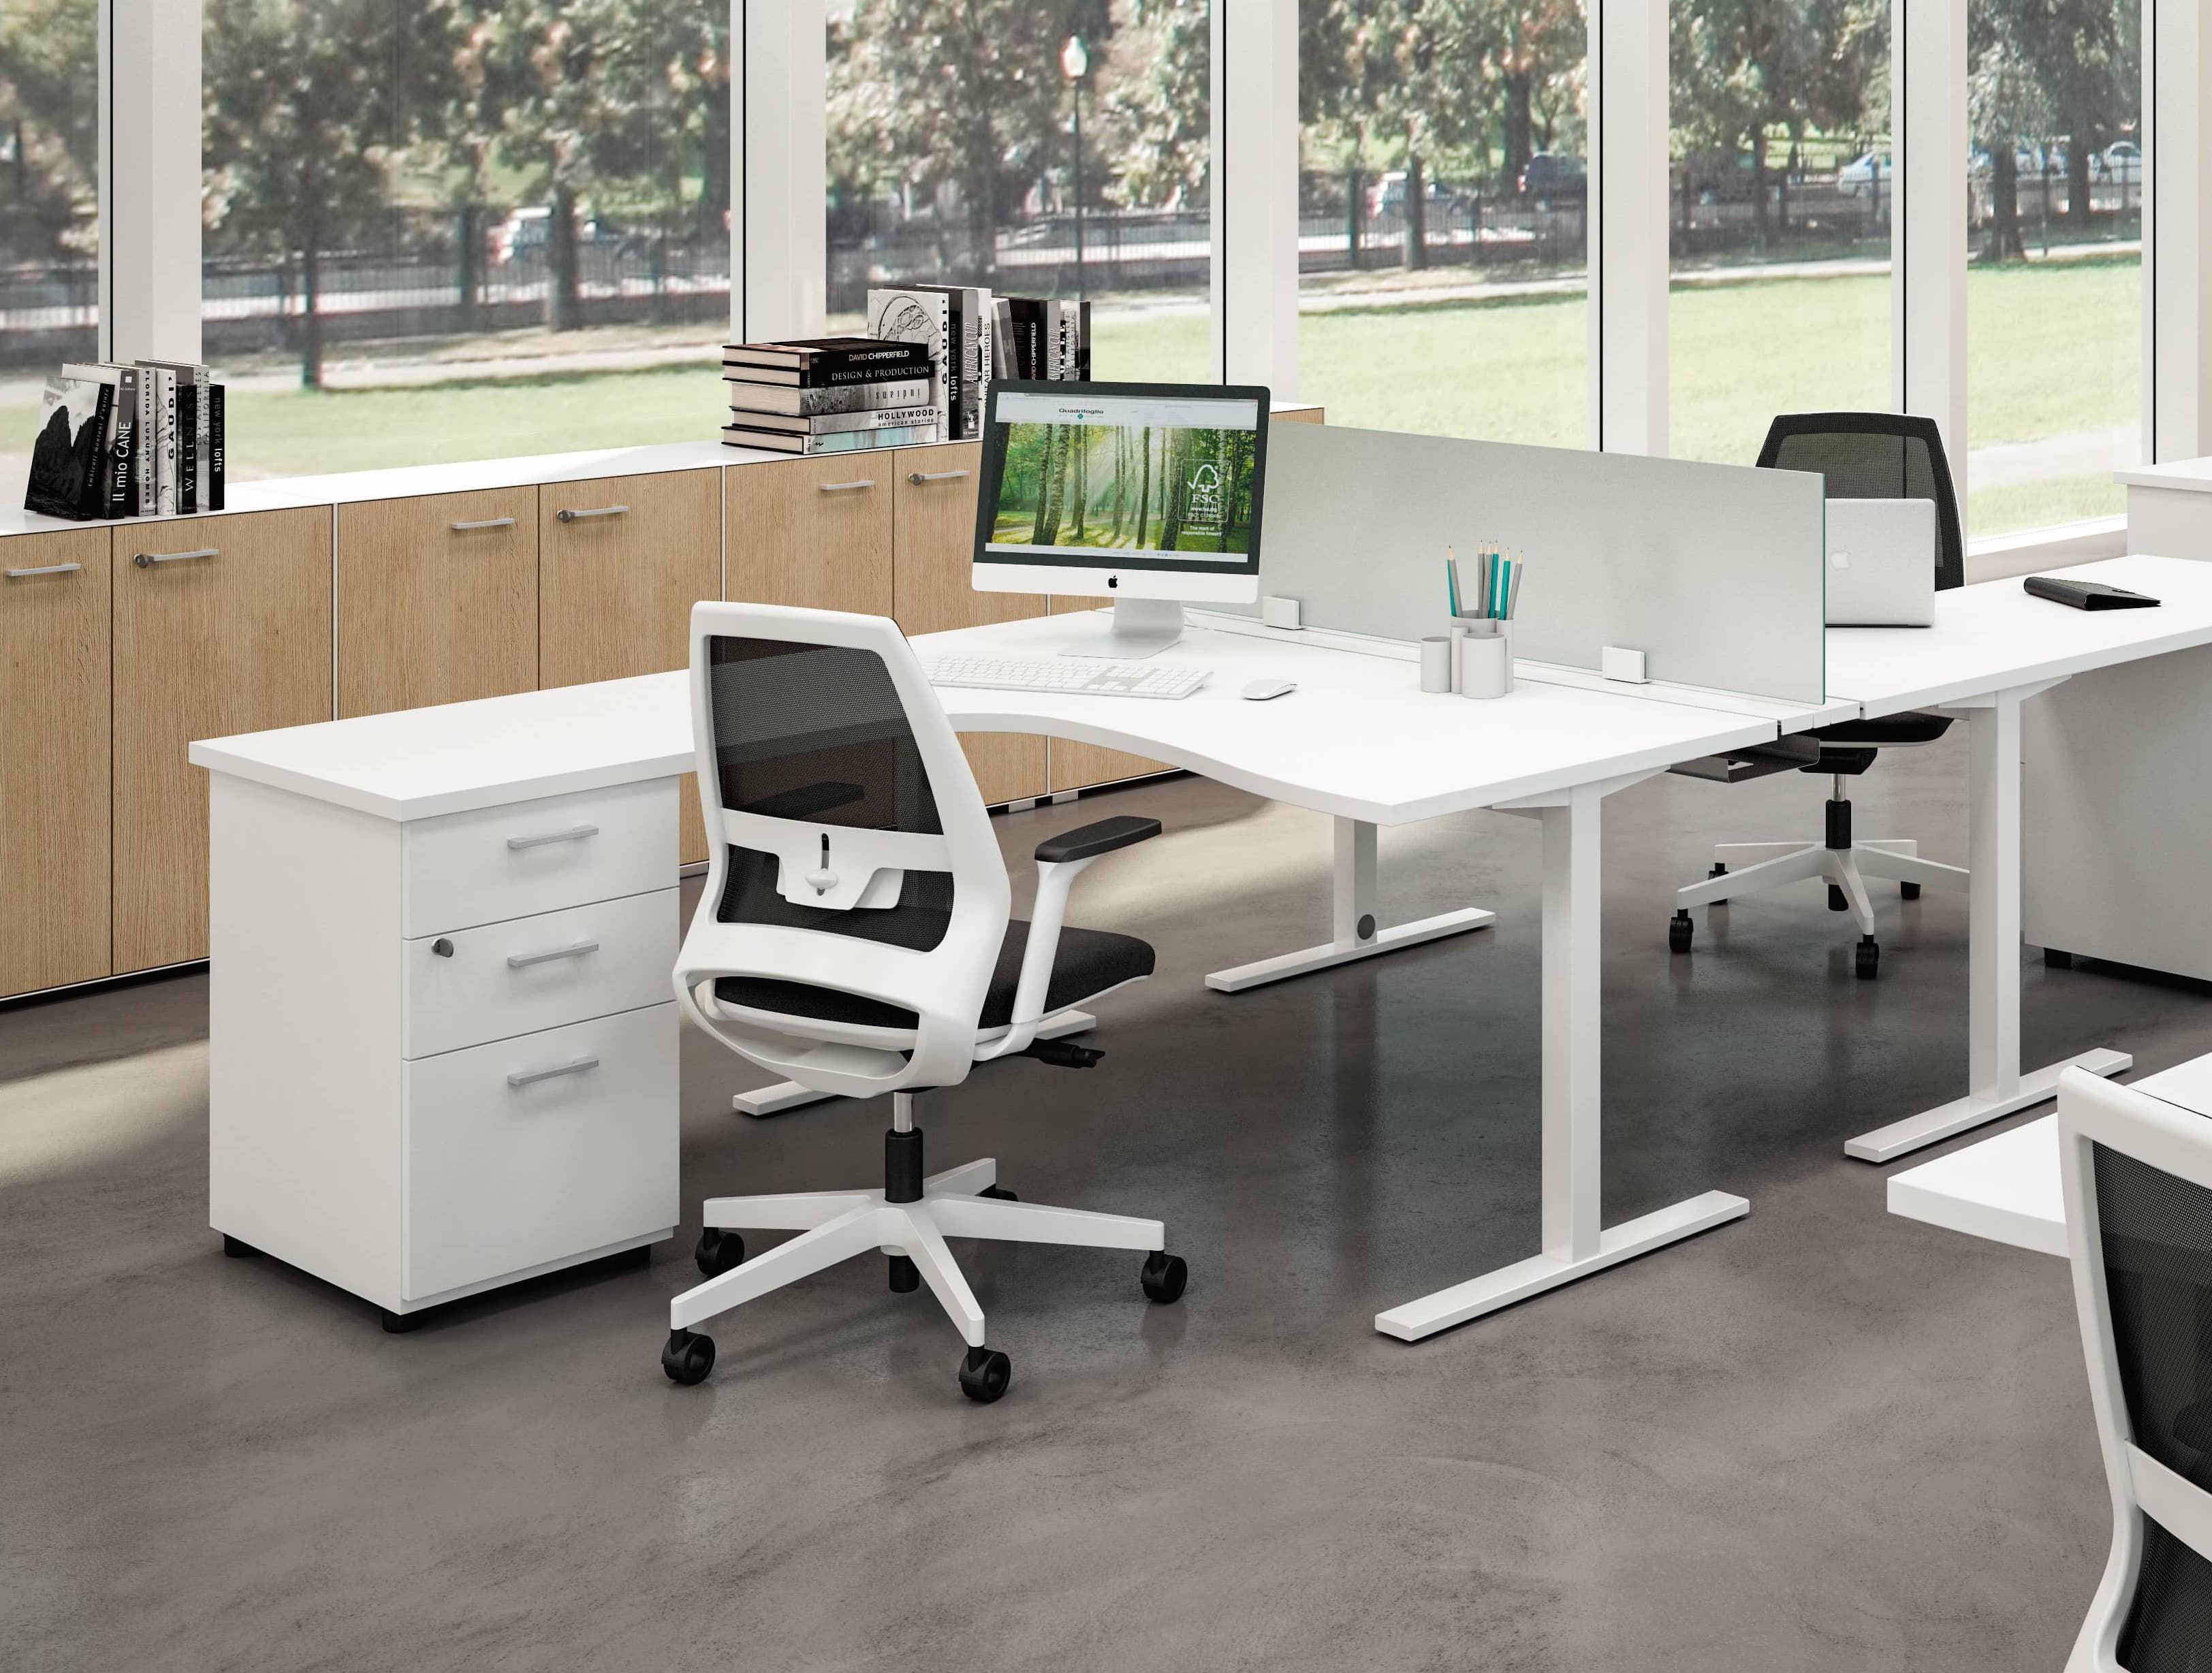 Bureau d angle ideatube avec retour caisson for Mobilier bureau quadrifoglio